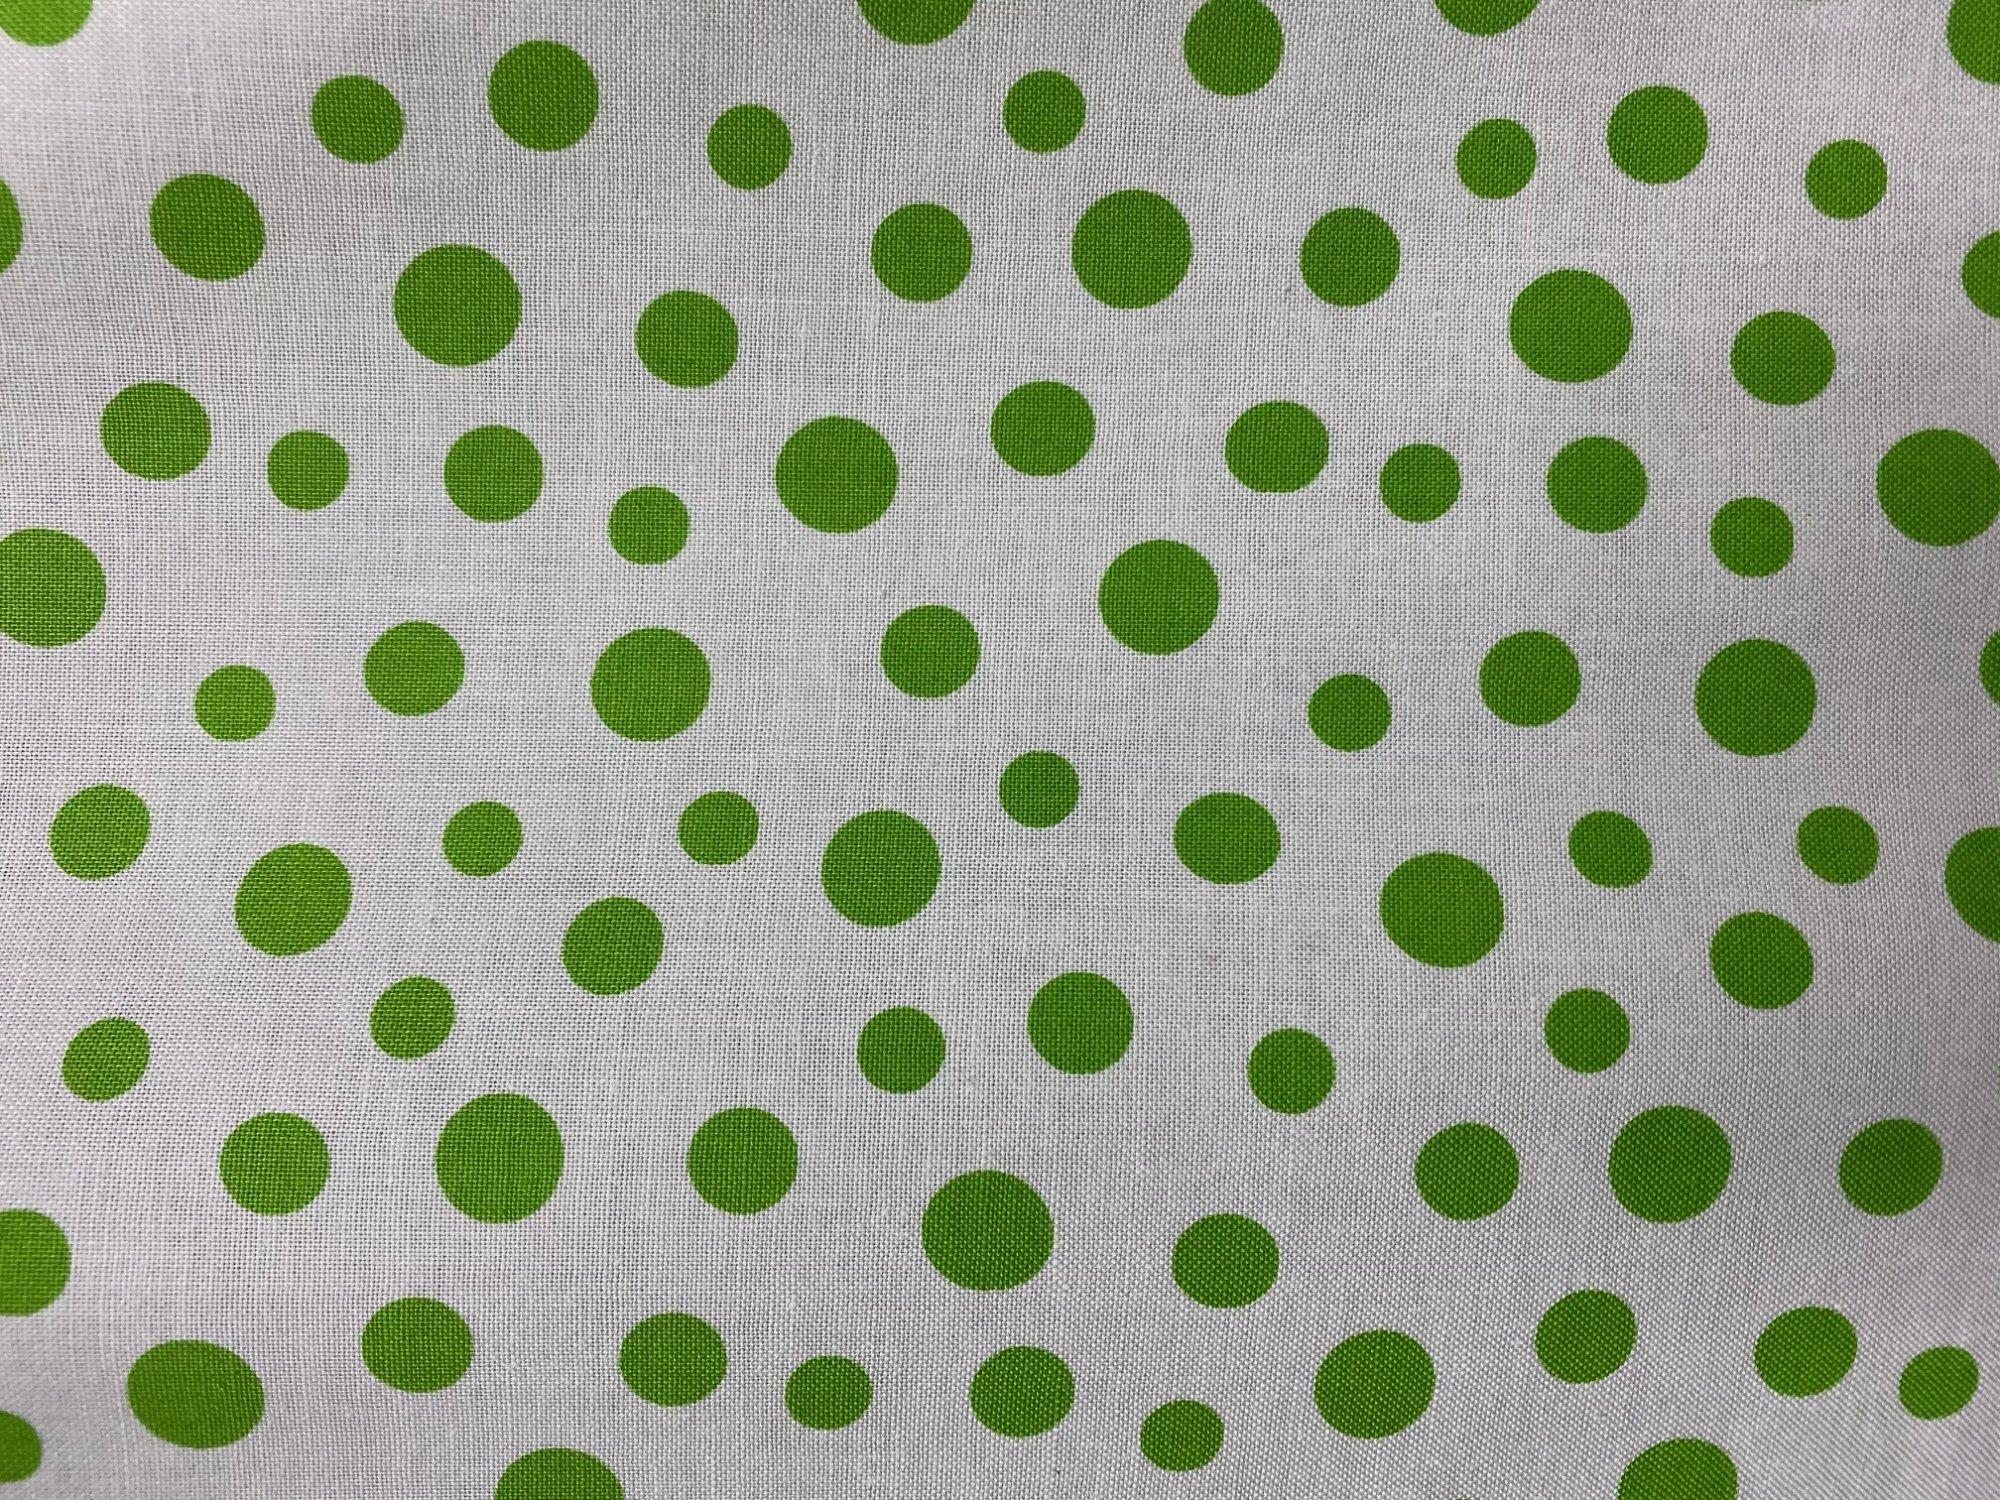 Benartex fabric 01332 40 Daisy Mae dots